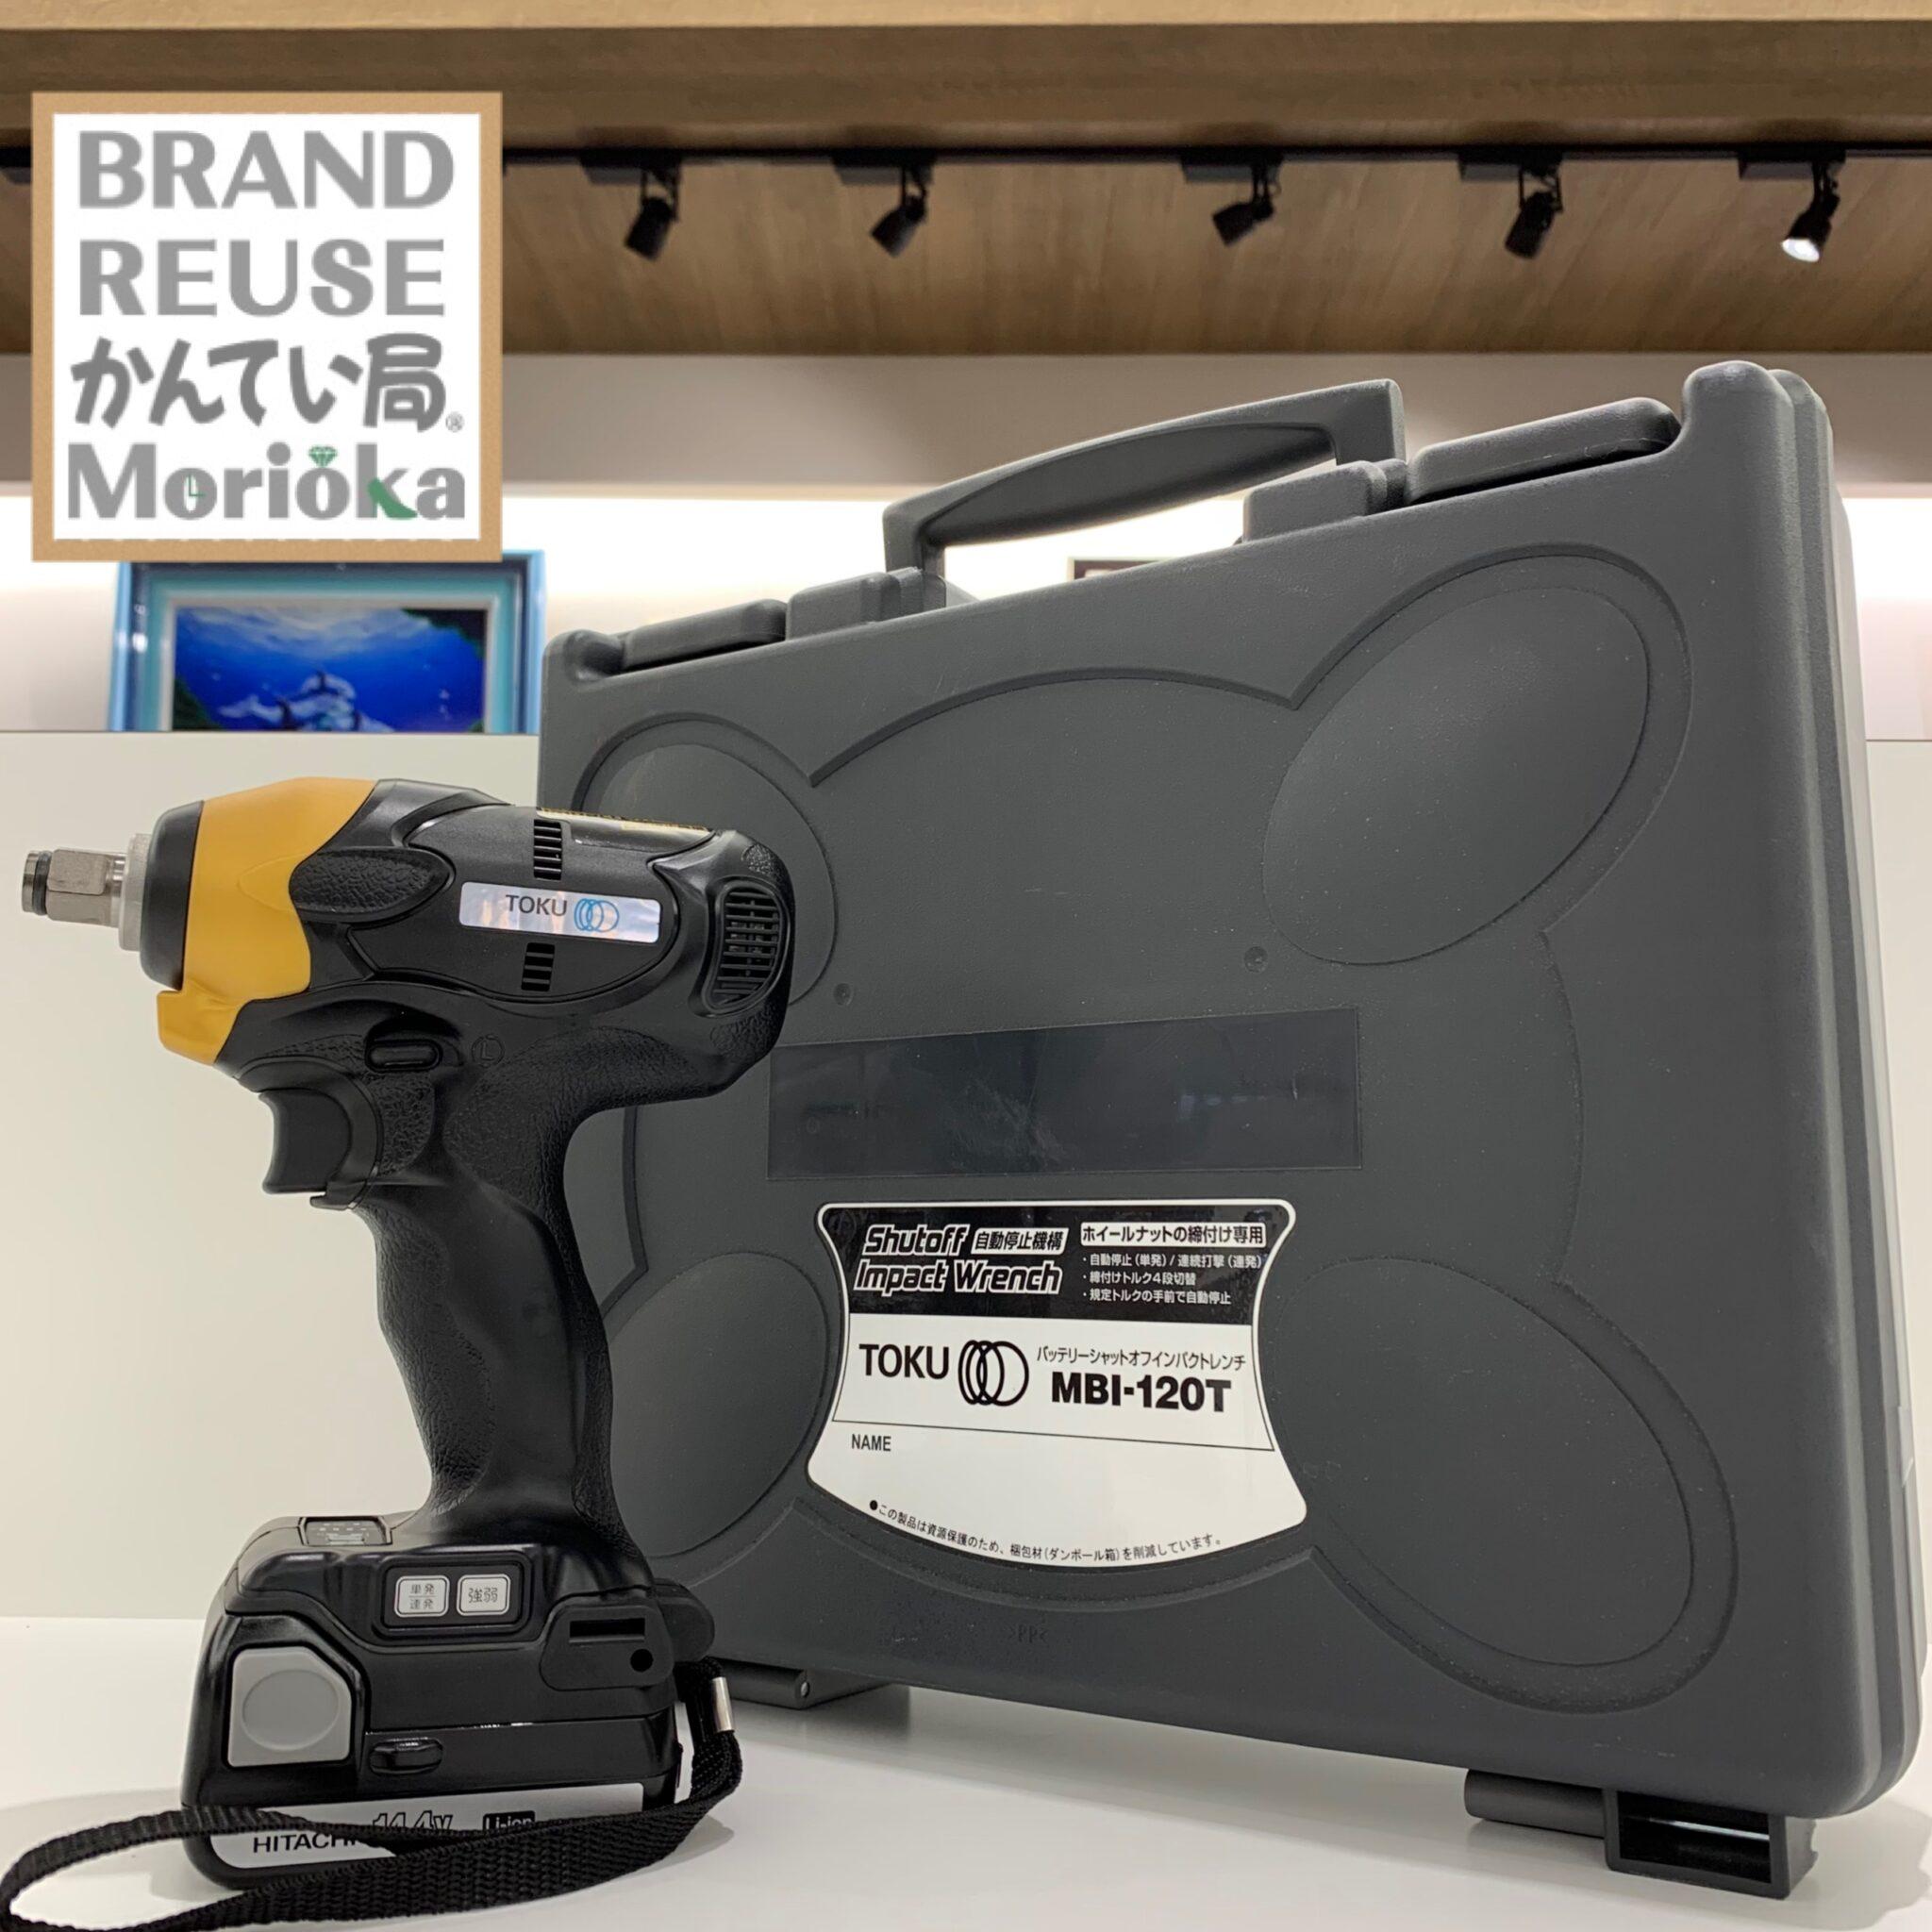 【工具 販売 盛岡】バッテリーシャットオフインパクトレンチ入荷しました🔨🔧